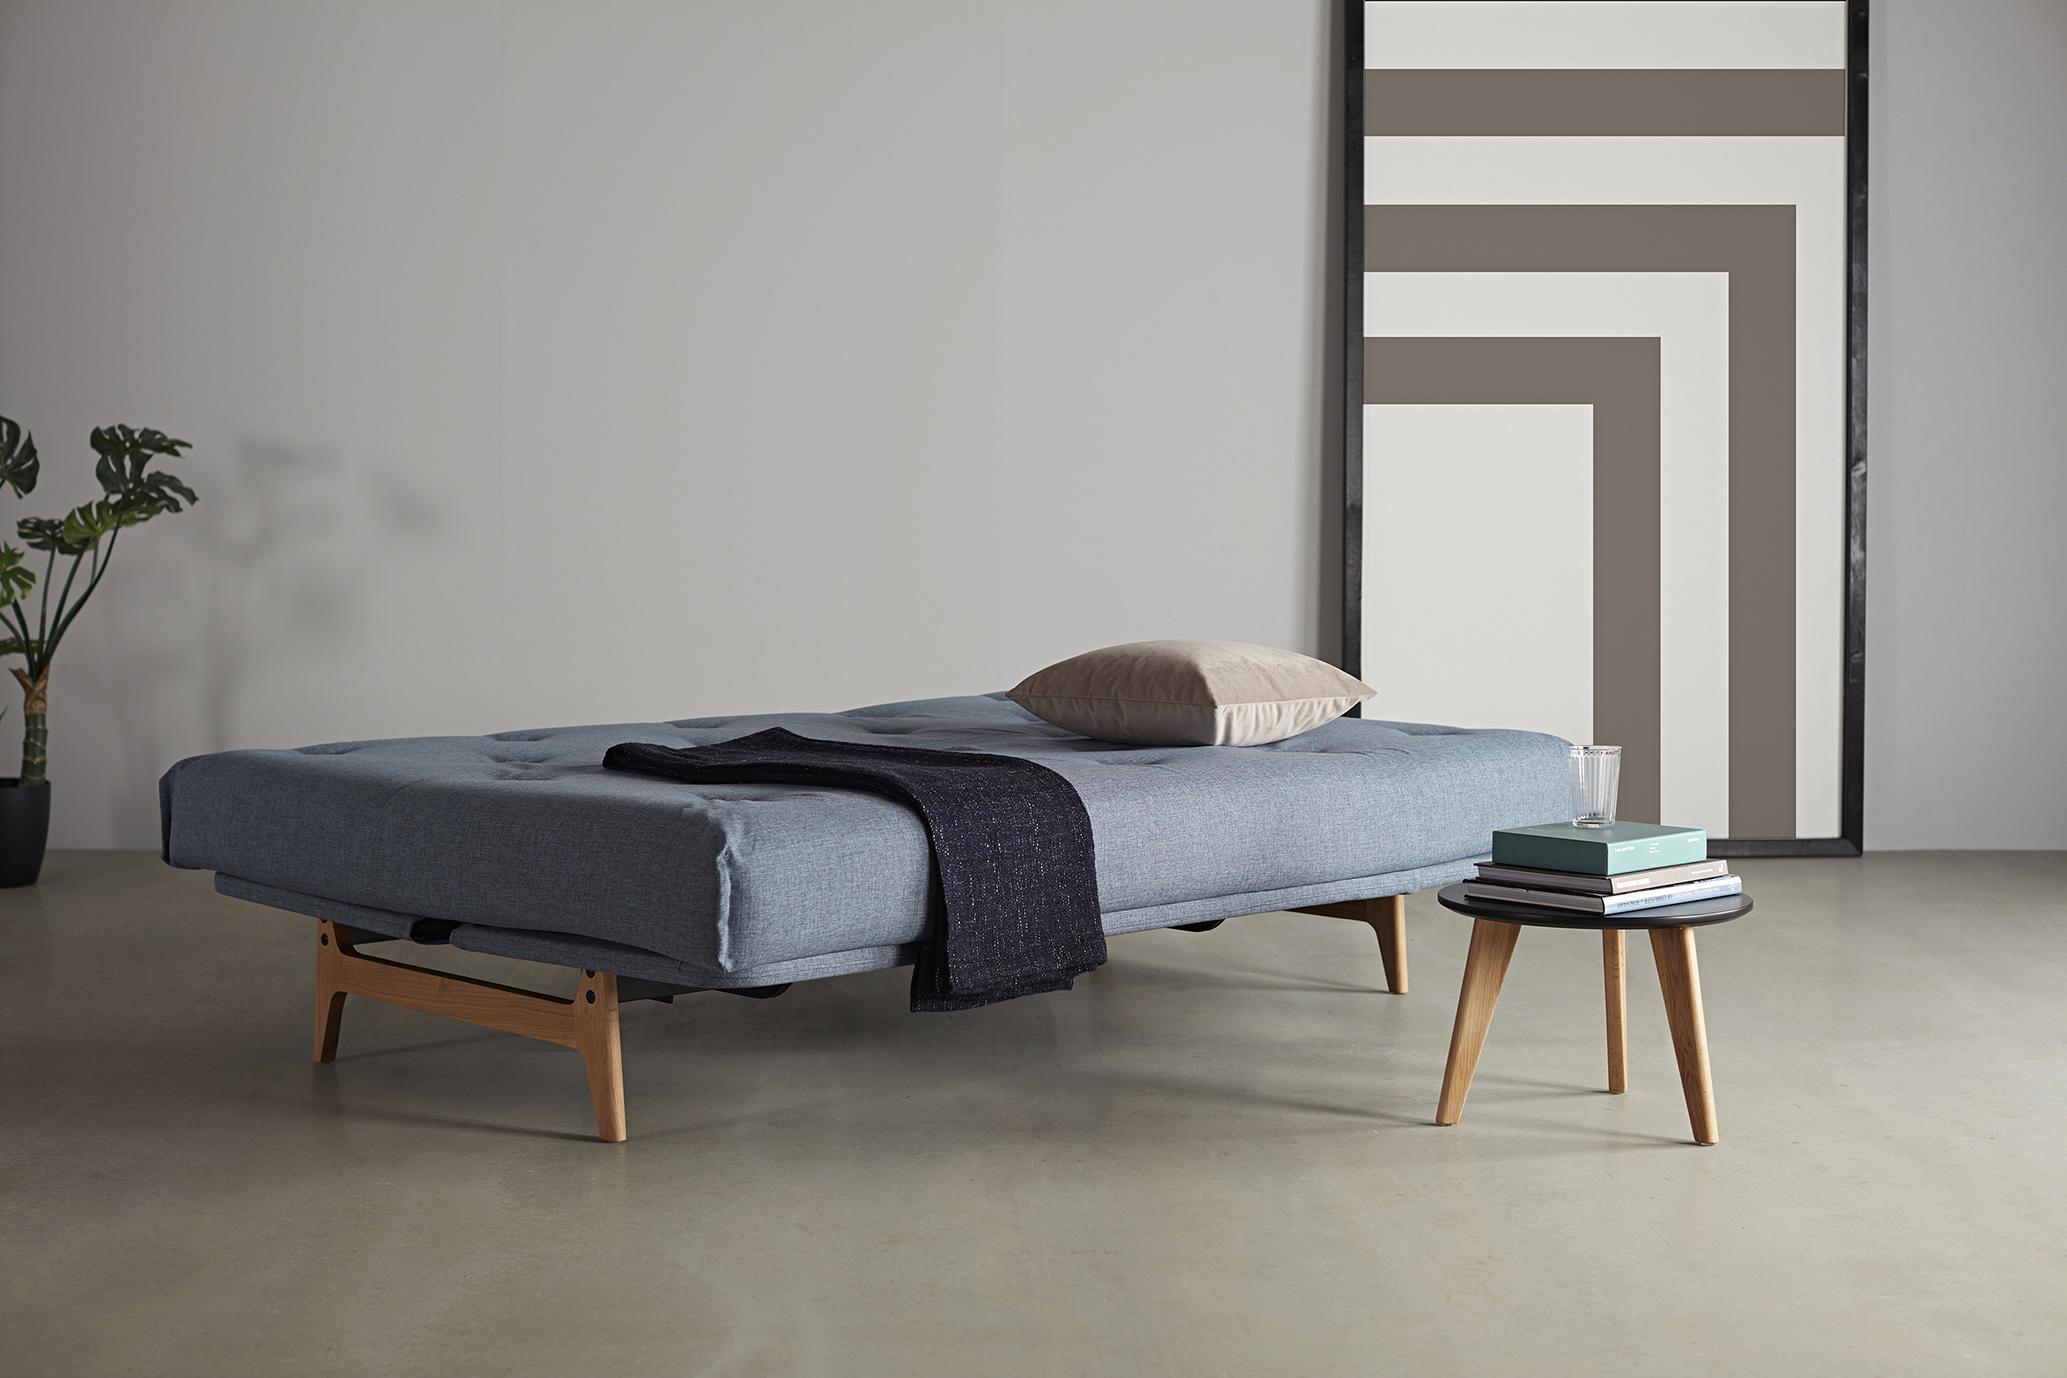 Aslak-sofa-bed-oliver-lukas-weisskrogh-3.jpg